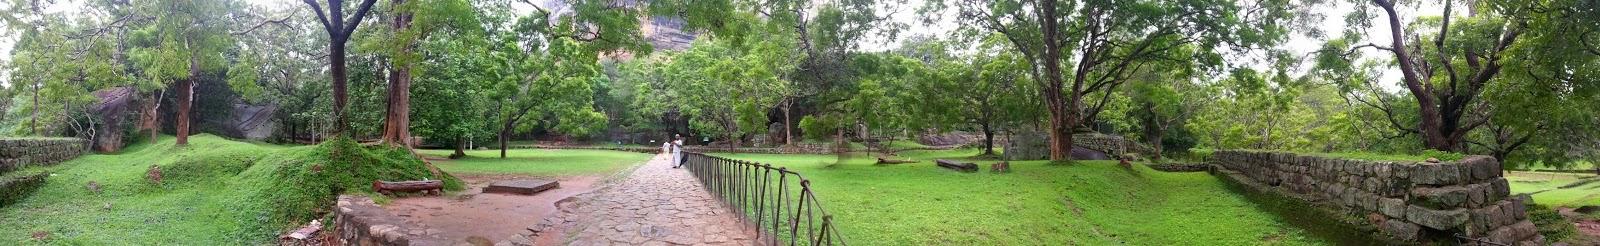 Сигирия Водные Сады, Шри-Ланка, фото панорама высокого качества, каскад водоемов, бассейны